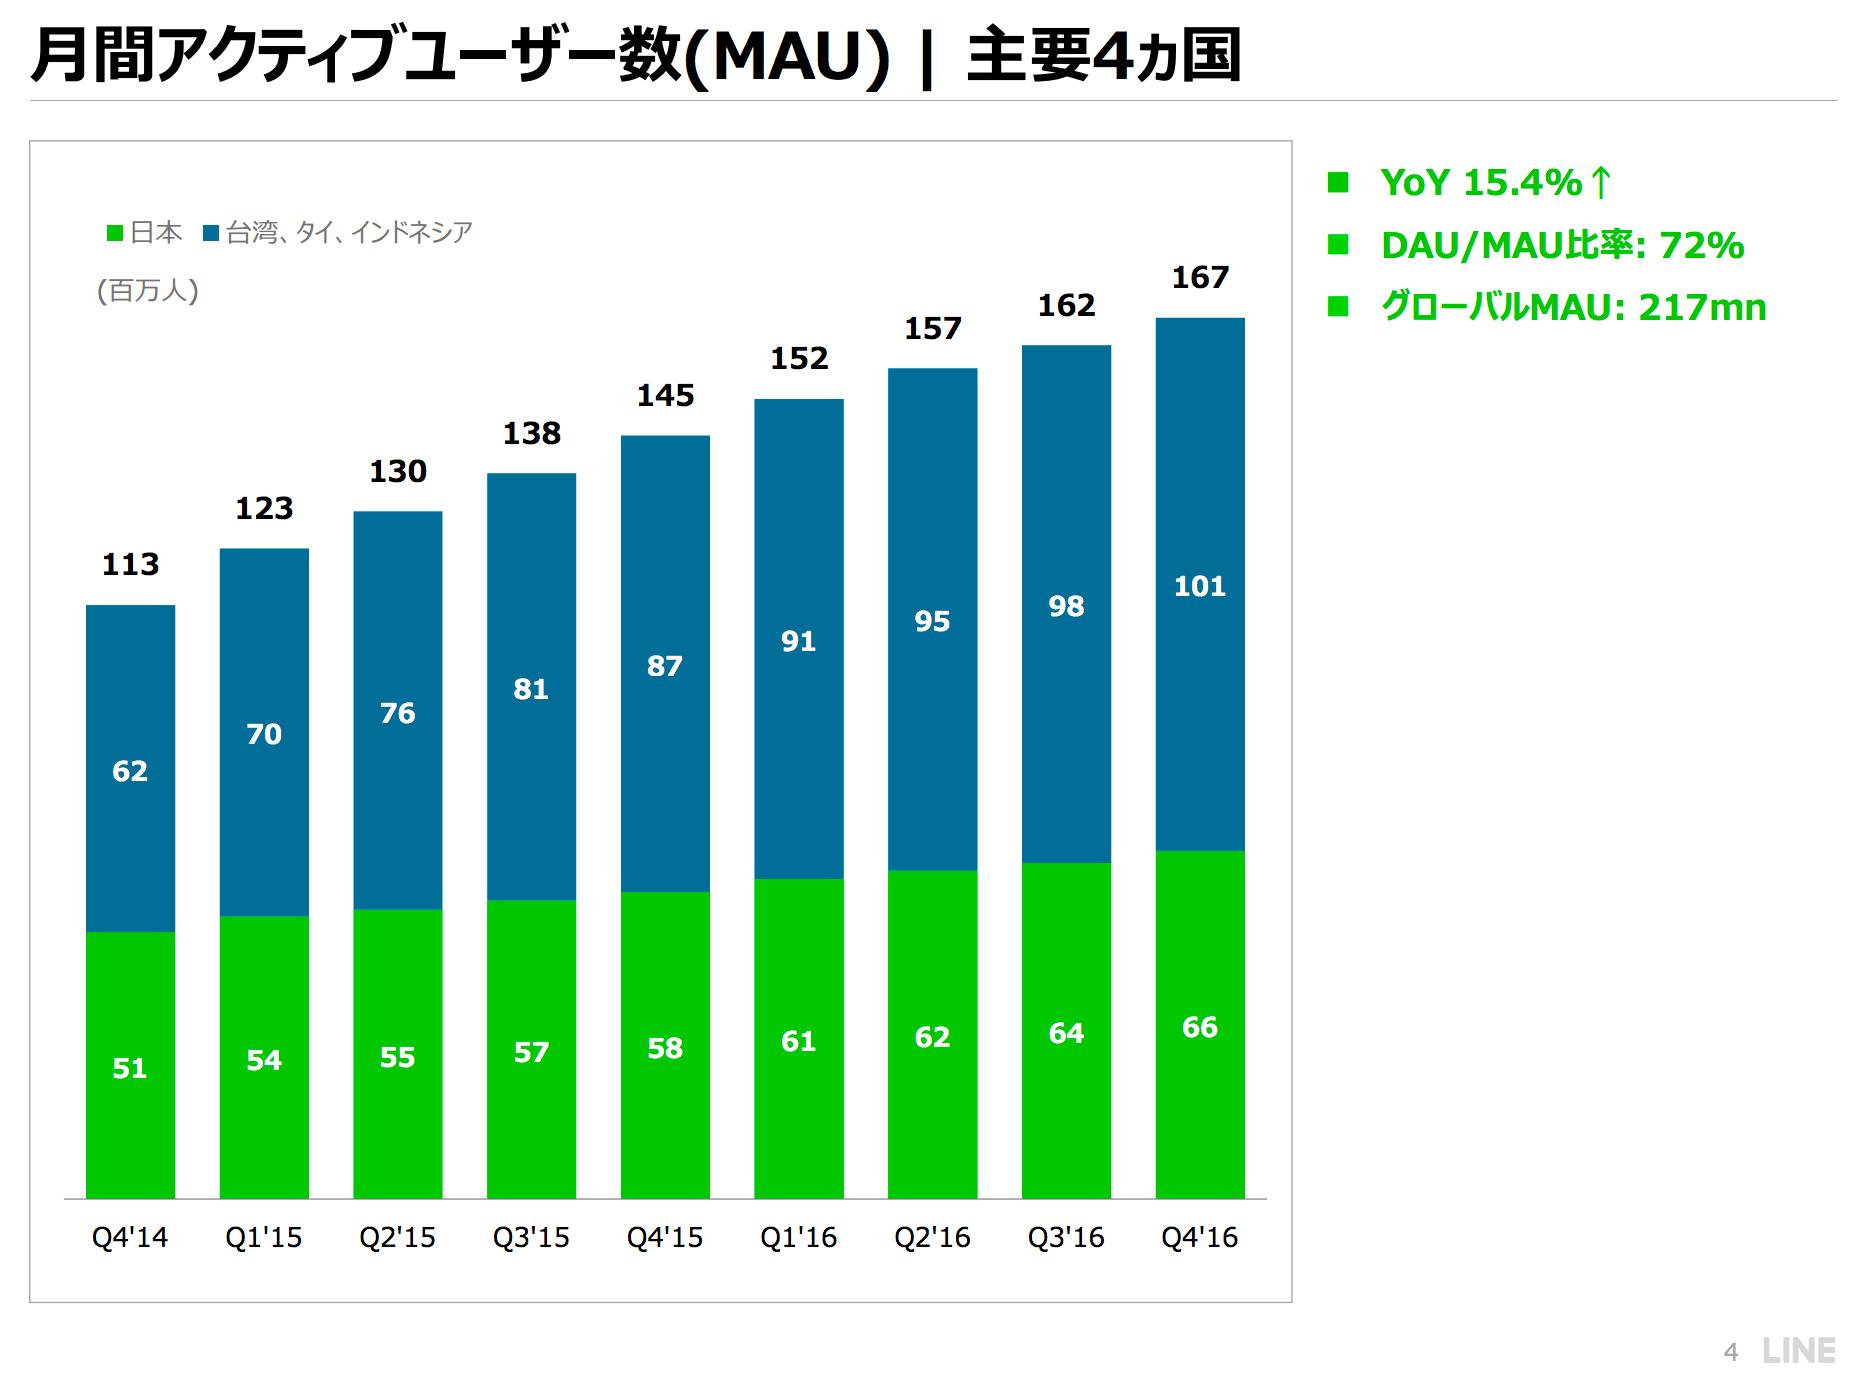 LINE世界ユーザー数2016年12月末